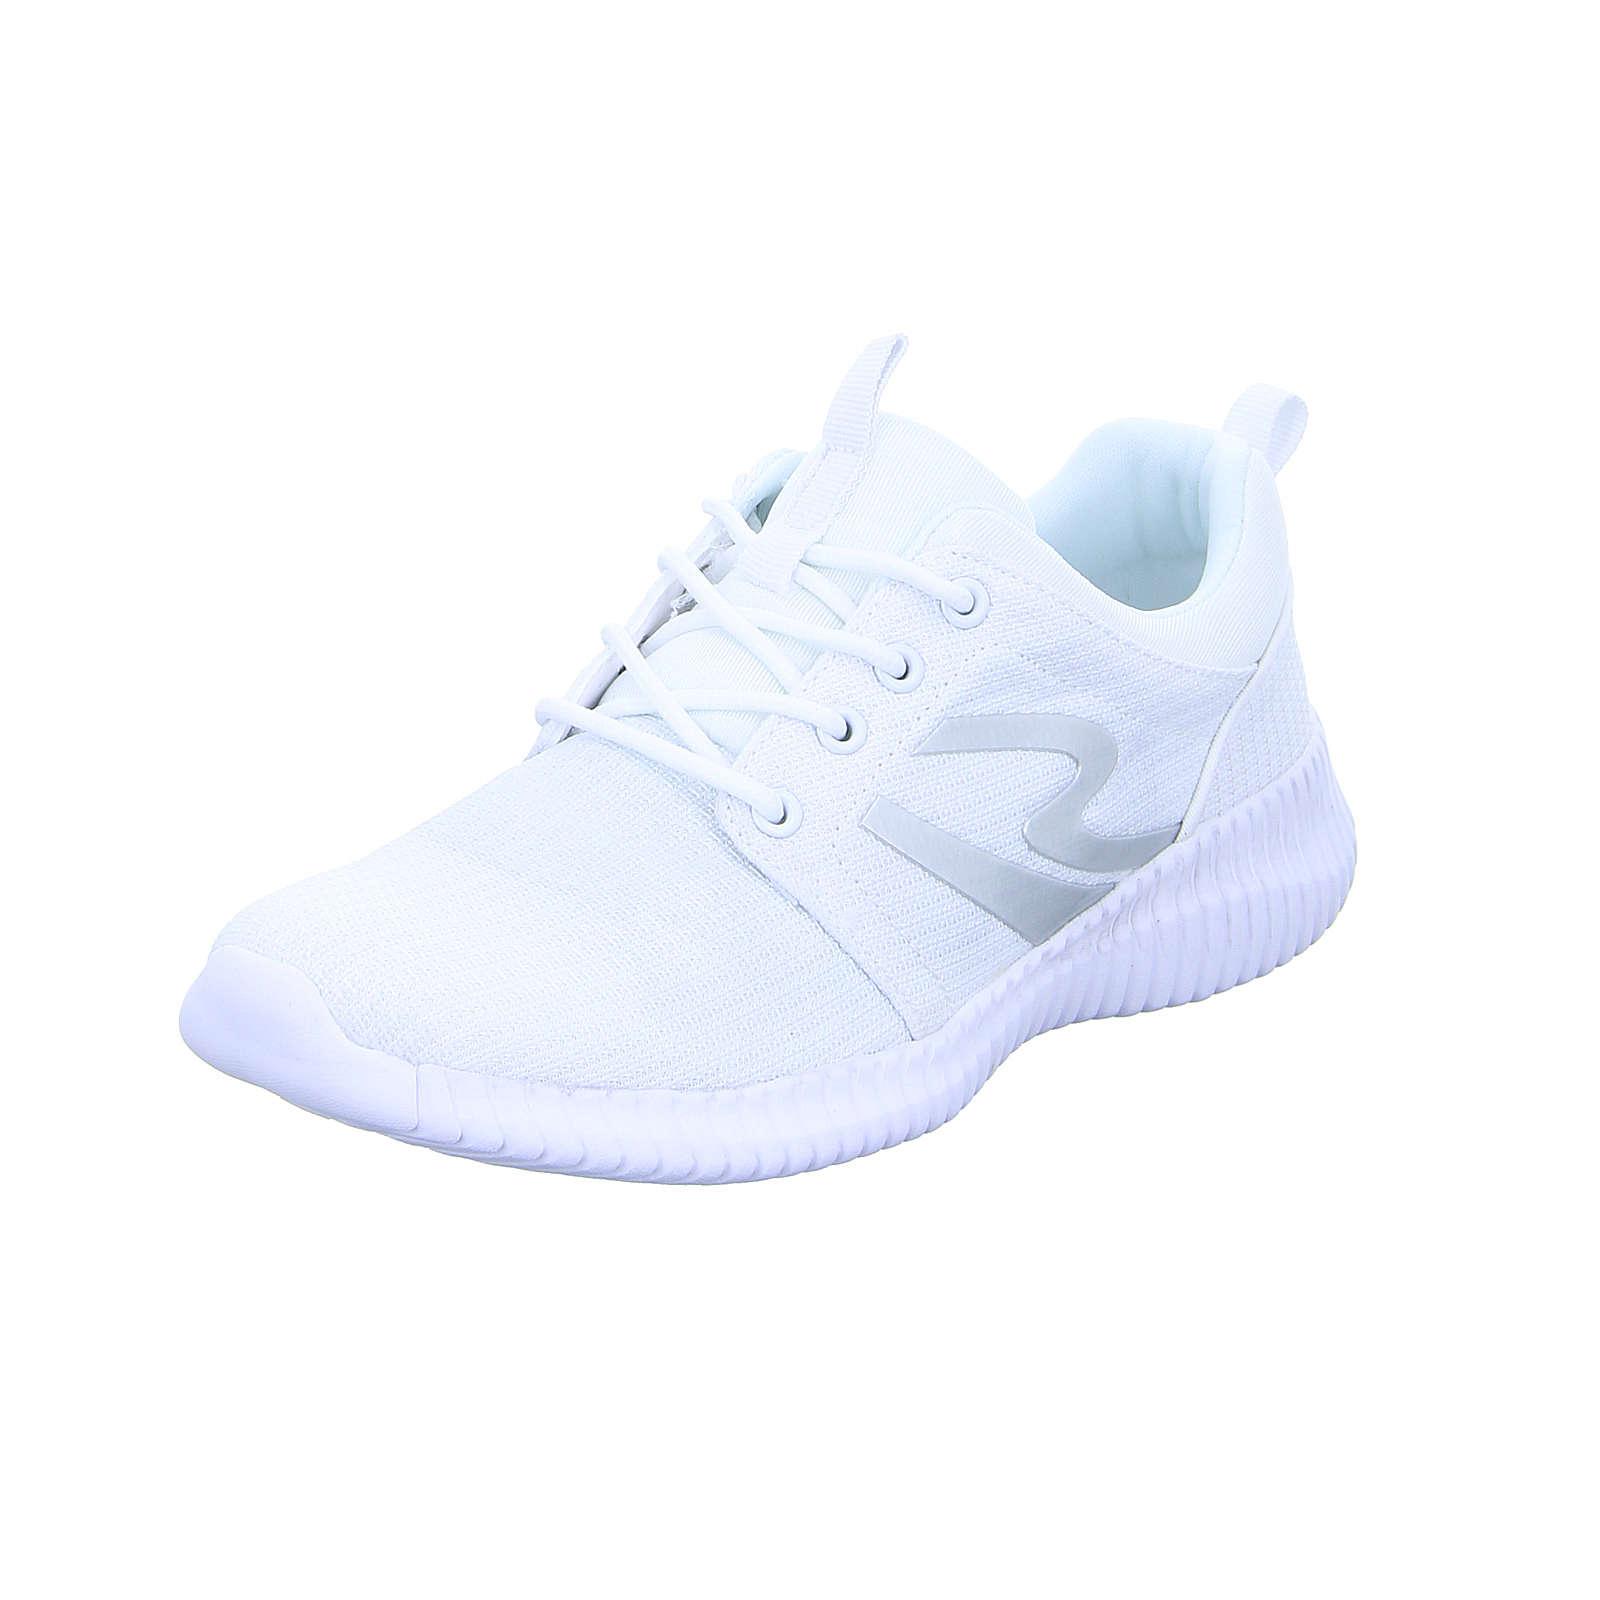 Image of 1704057B Sneakers Low weiß Herren Gr. 42